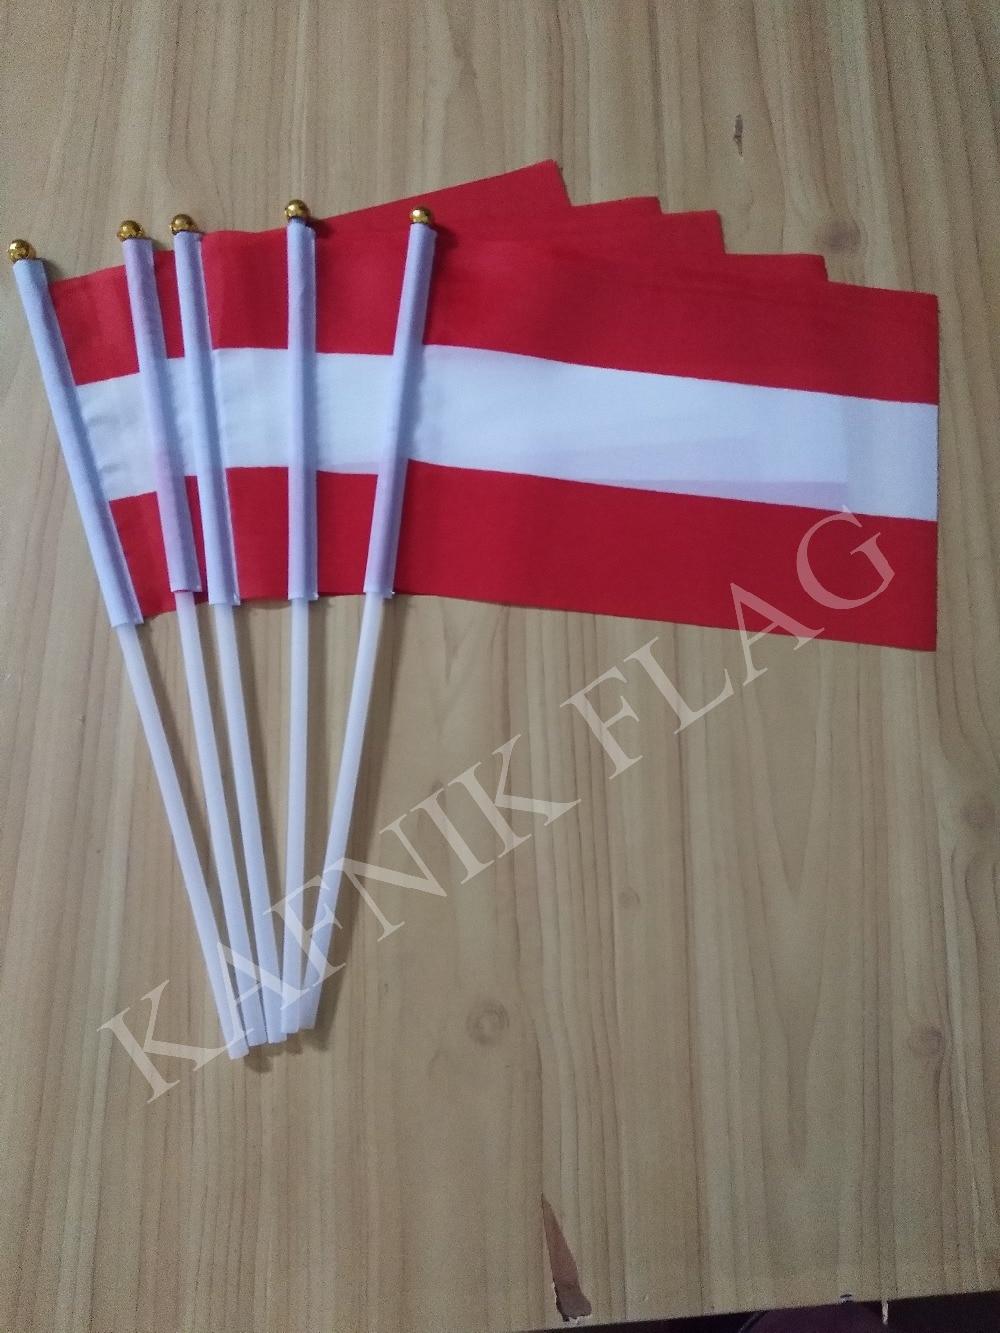 Top 10 Most Popular Bendera Merah Putih List And Free